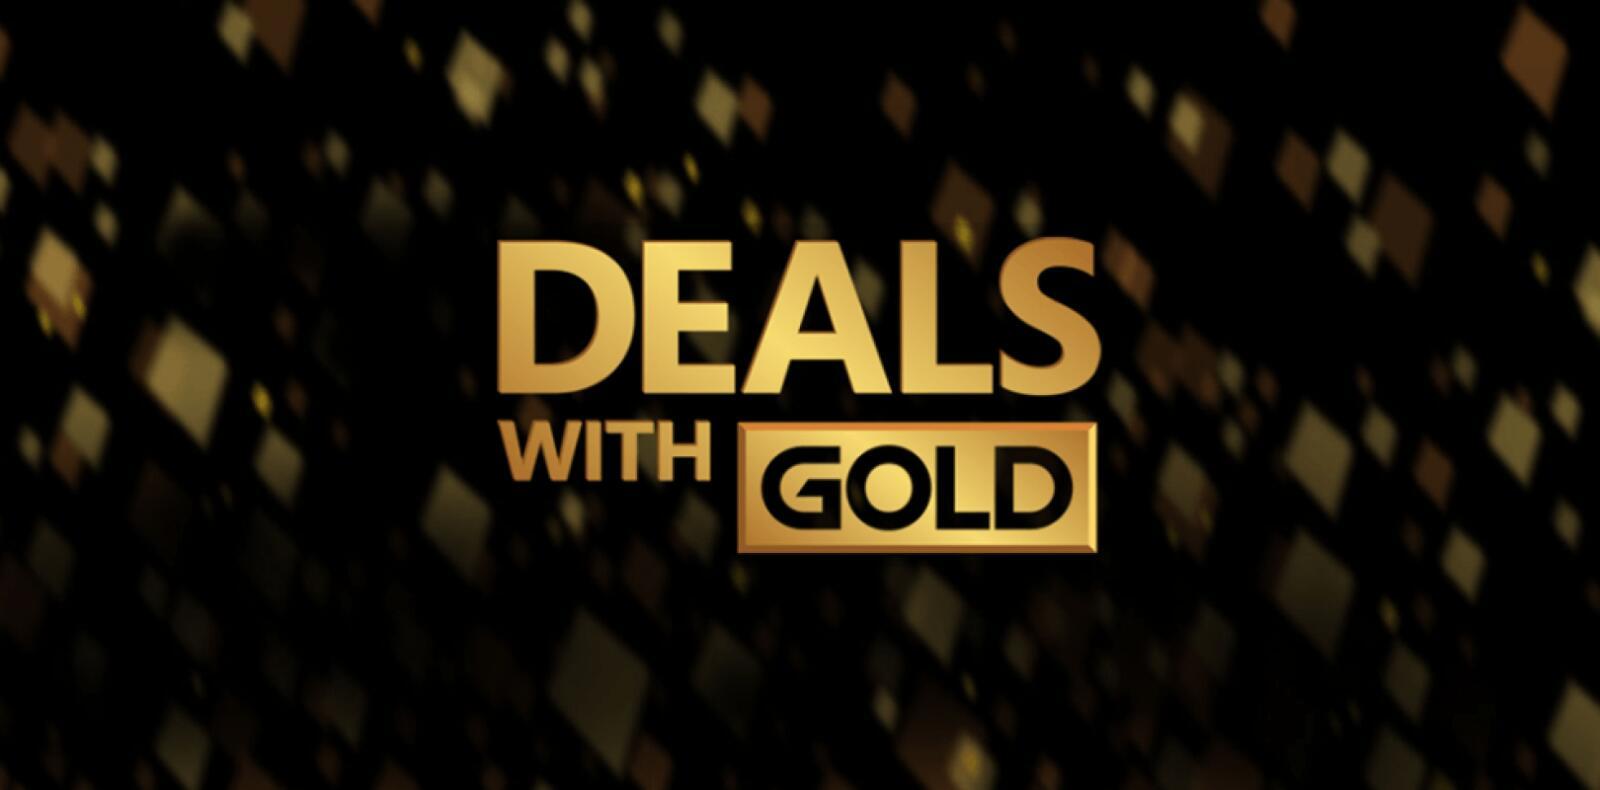 Xbox: Deals With Gold semana del 16 al 23 de marzo de 2021